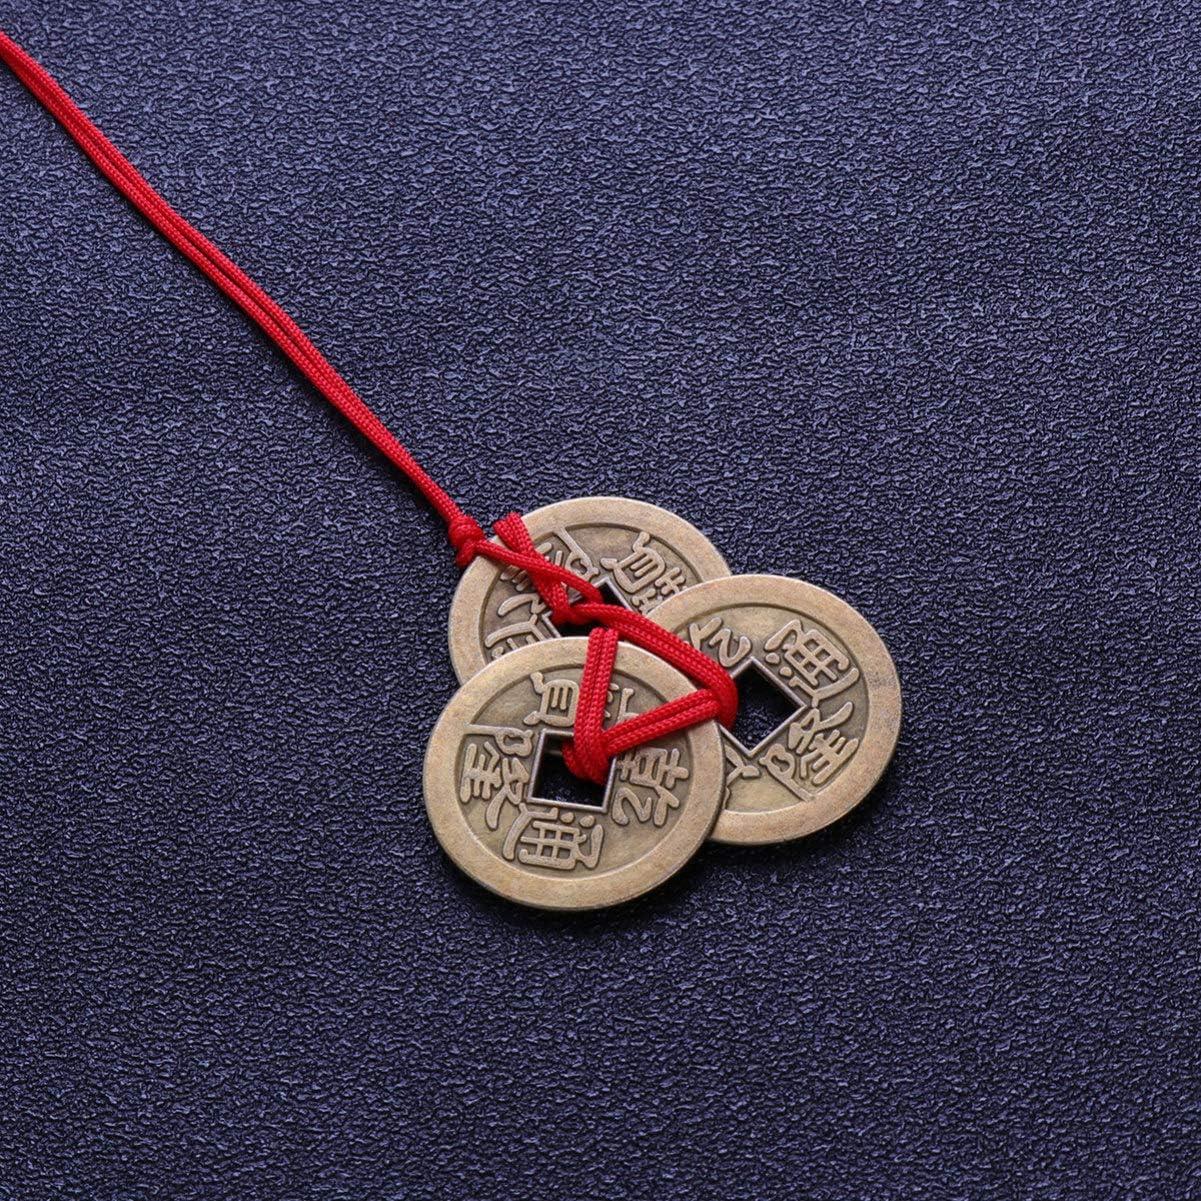 BESPORTBLE 10 Pcs Chinois Fortune Pi/èces Vintage Feng Shui Cuivre Argent Pendentifs avec Cha/îne Rouge pour DIY Richesse Et Succ/ès Accessoires